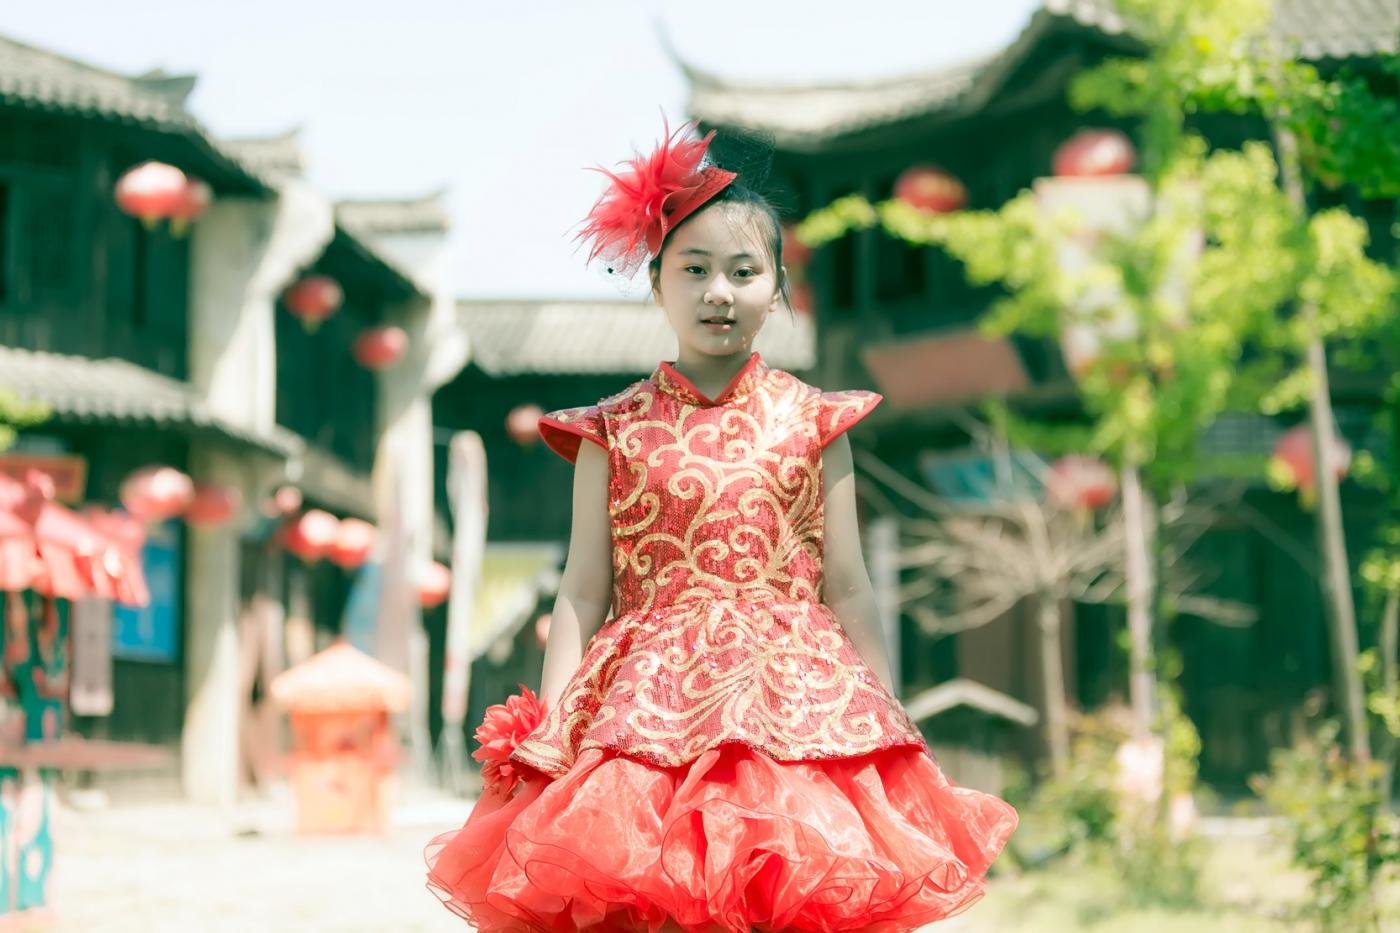 沂蒙娃娃穿上礼服走上show台 有个女孩特别萌 礼仪就要从娃娃抓起 ..._图1-30